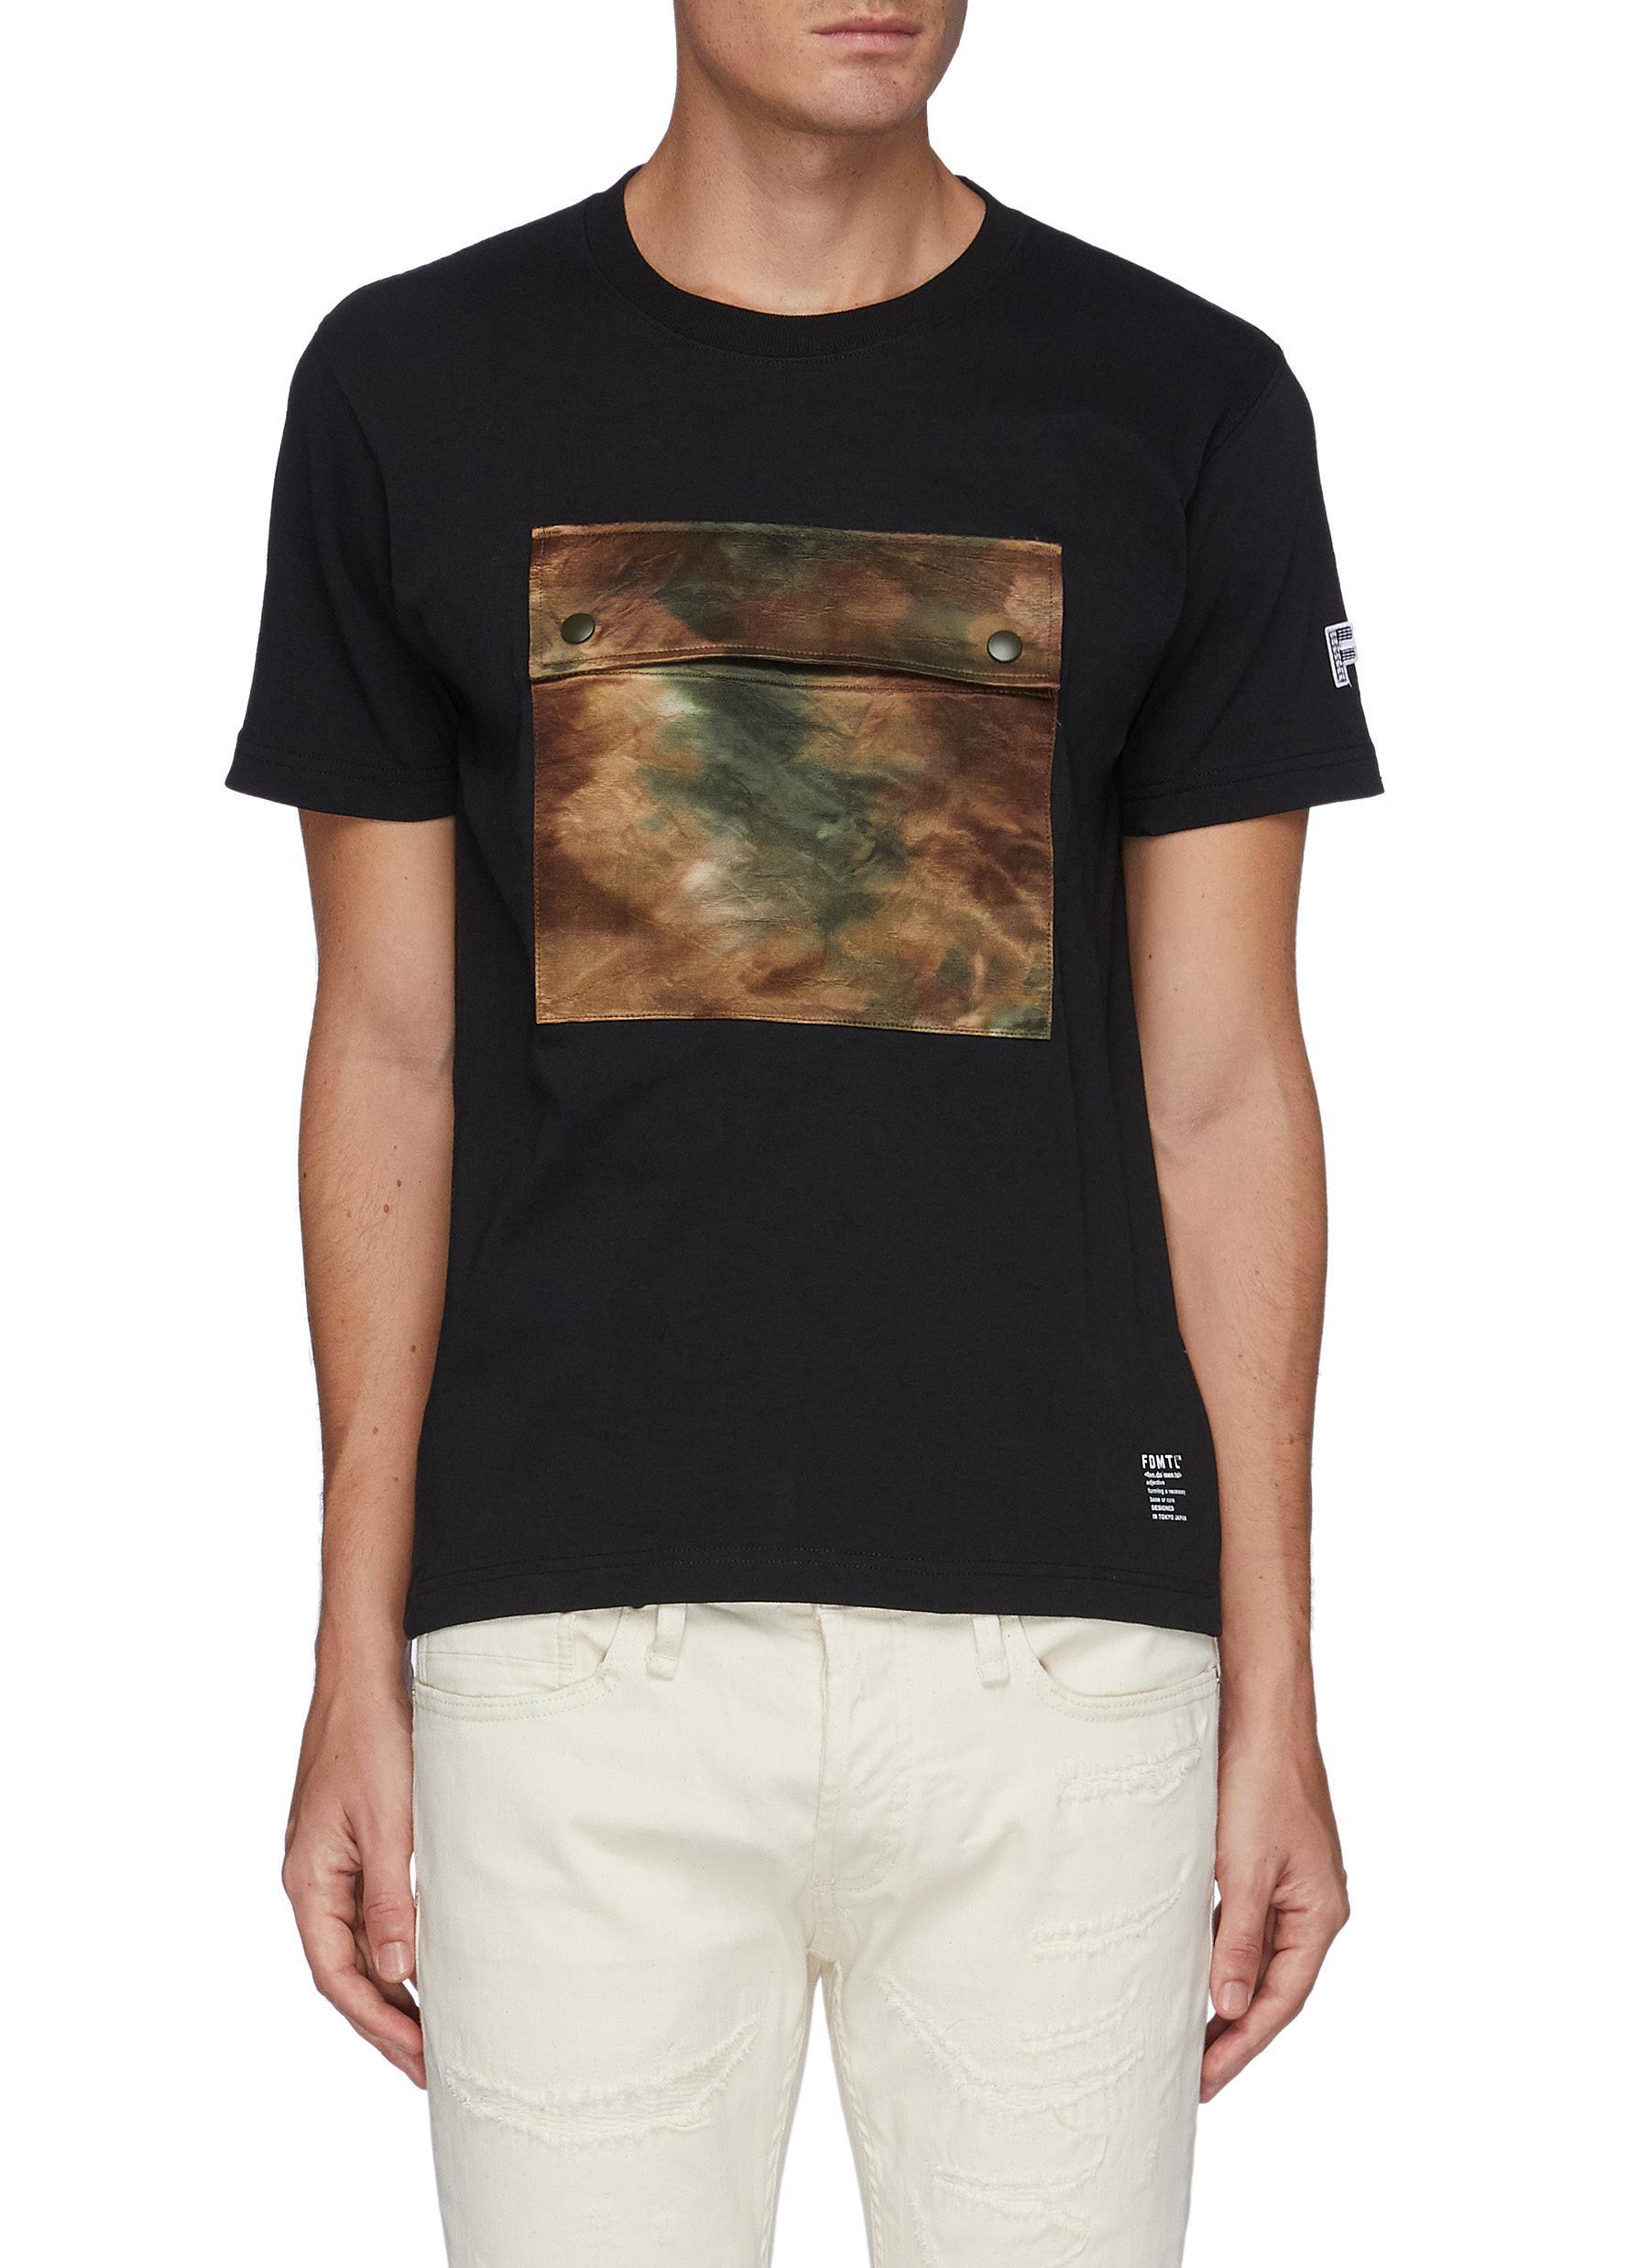 Tie Dye Snap Front Pocket Crewneck Cotton T-shirt